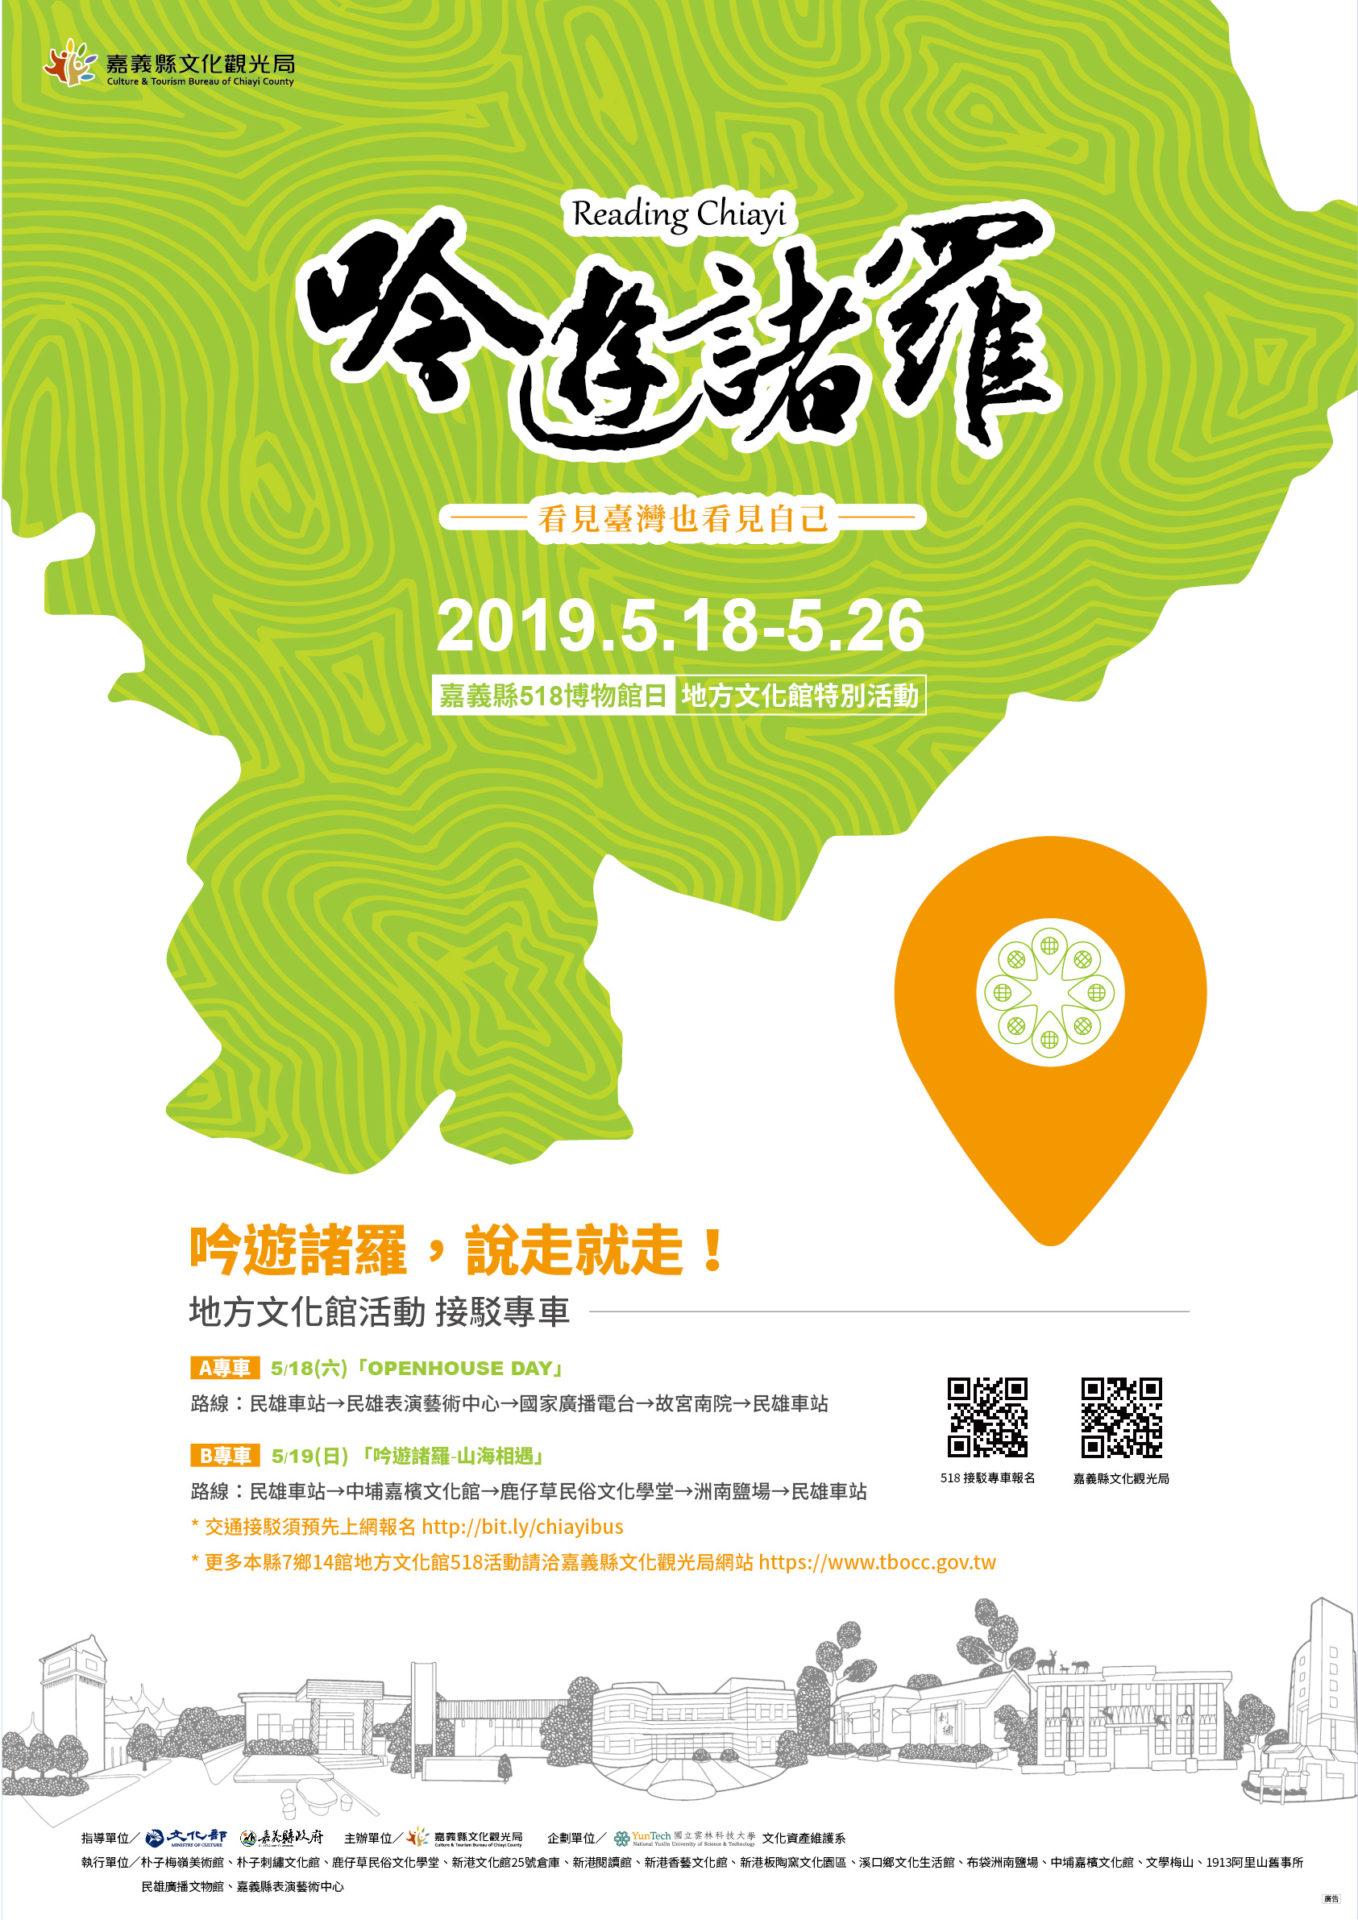 嘉義縣文化觀光局:2019/05/18-2019/05/26【吟遊諸羅,說走就走!】